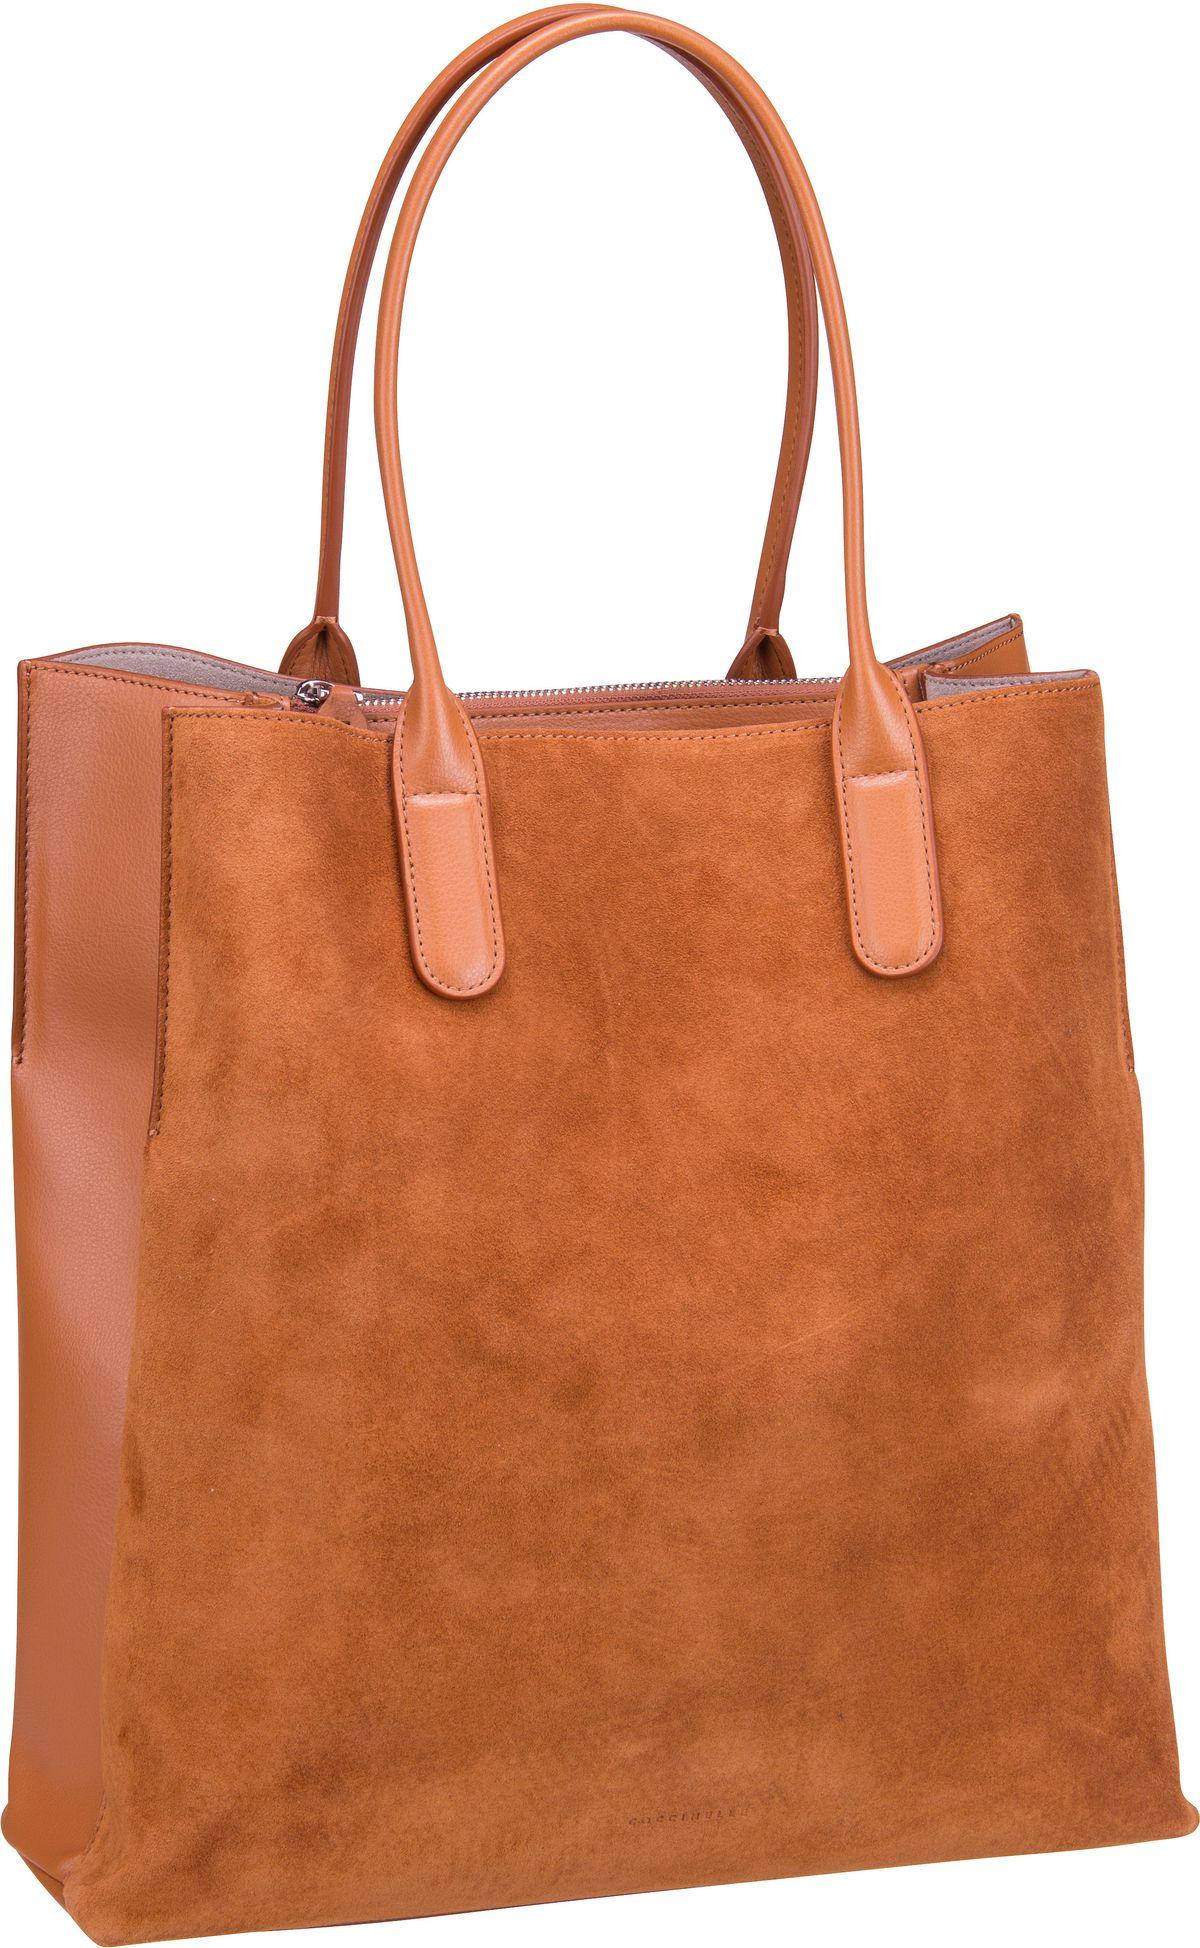 Handtasche Sandy Bimaterial 1101 Caramel